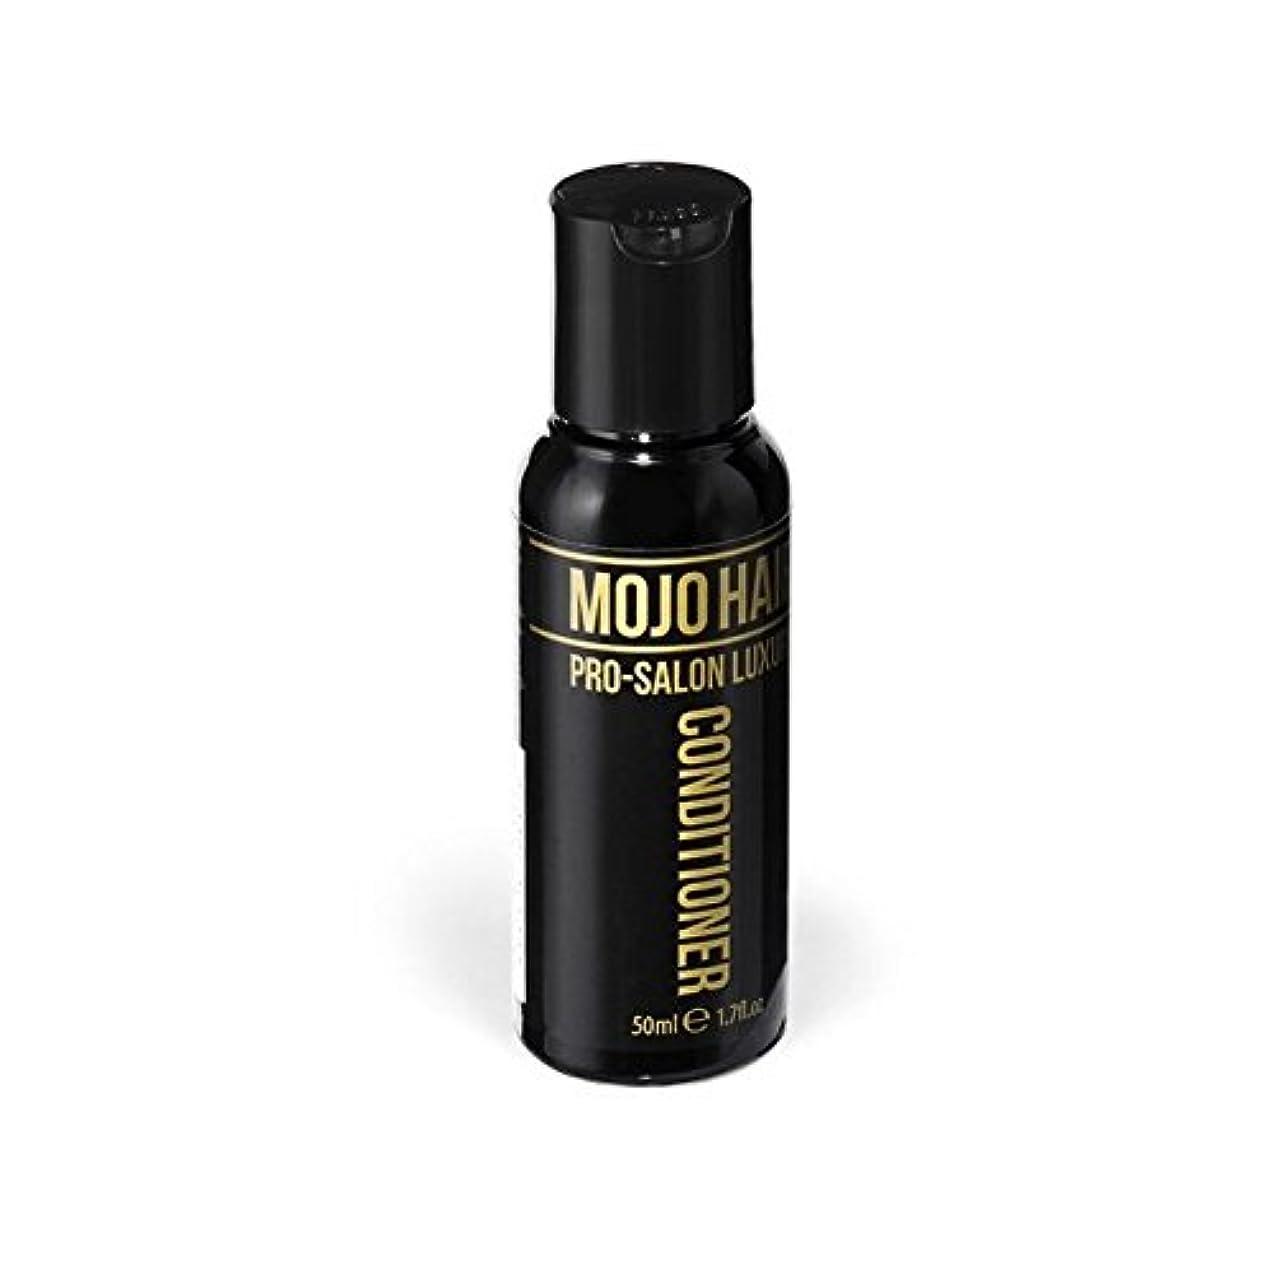 曲げる上周辺Mojo Hair Pro-Salon Luxury Conditioner (50ml) (Pack of 6) - モジョの毛プロのサロンの贅沢なコンディショナー(50ミリリットル) x6 [並行輸入品]